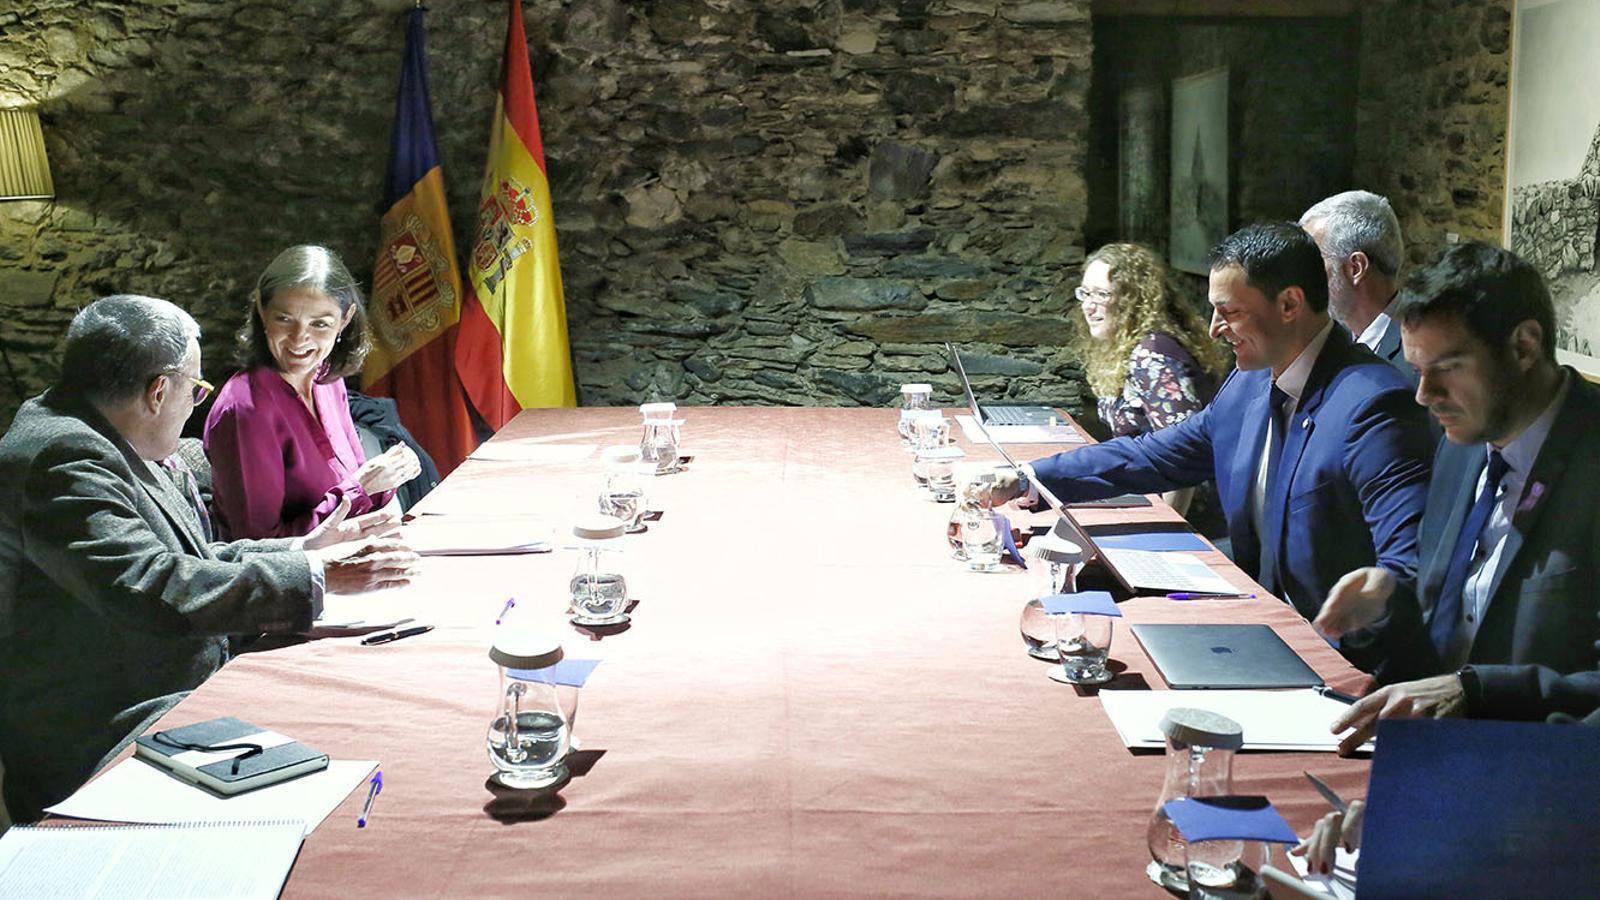 Un moment de la trobada entre el ministre de Presidència, Economia i Empresa, Jordi Gallardo, amb la titular d'Indústria, Comerç i Turisme d'Espanya, Reyes Maroto. / SFG